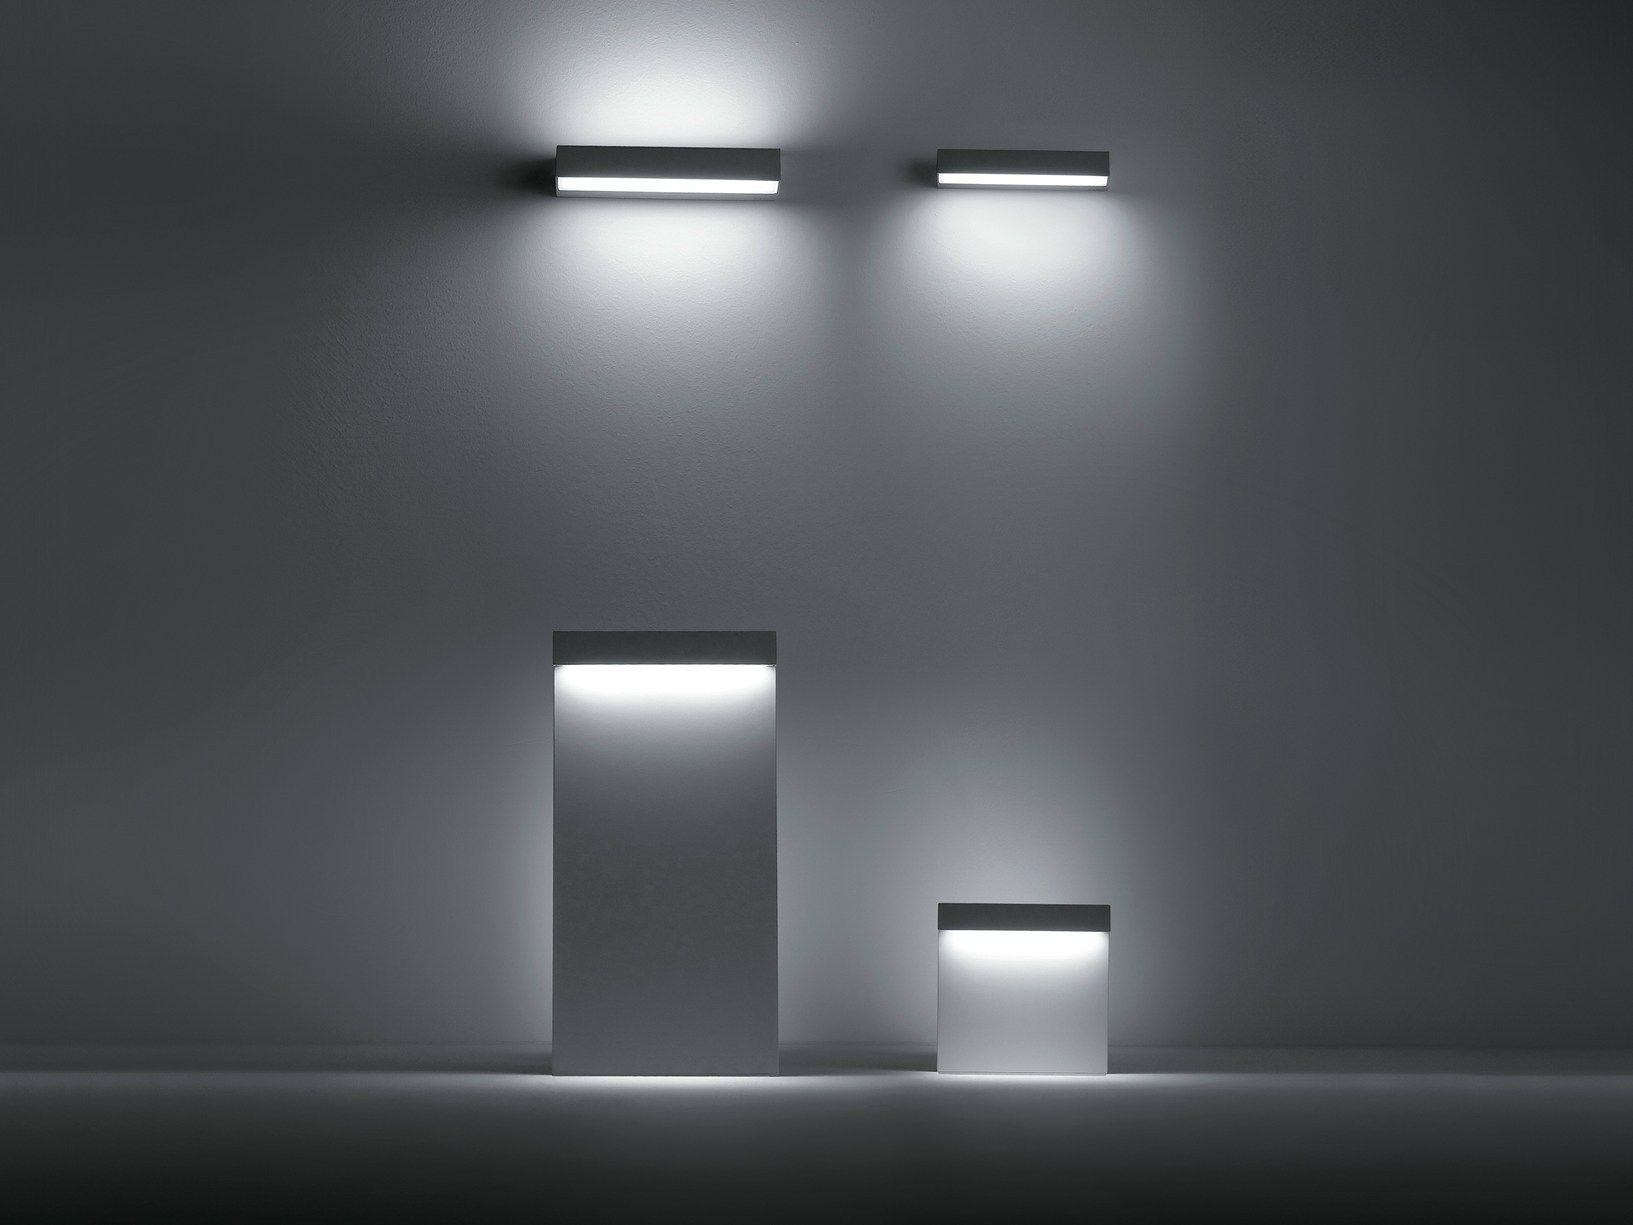 Luce diffusa in singola o doppia emissione con look by simes